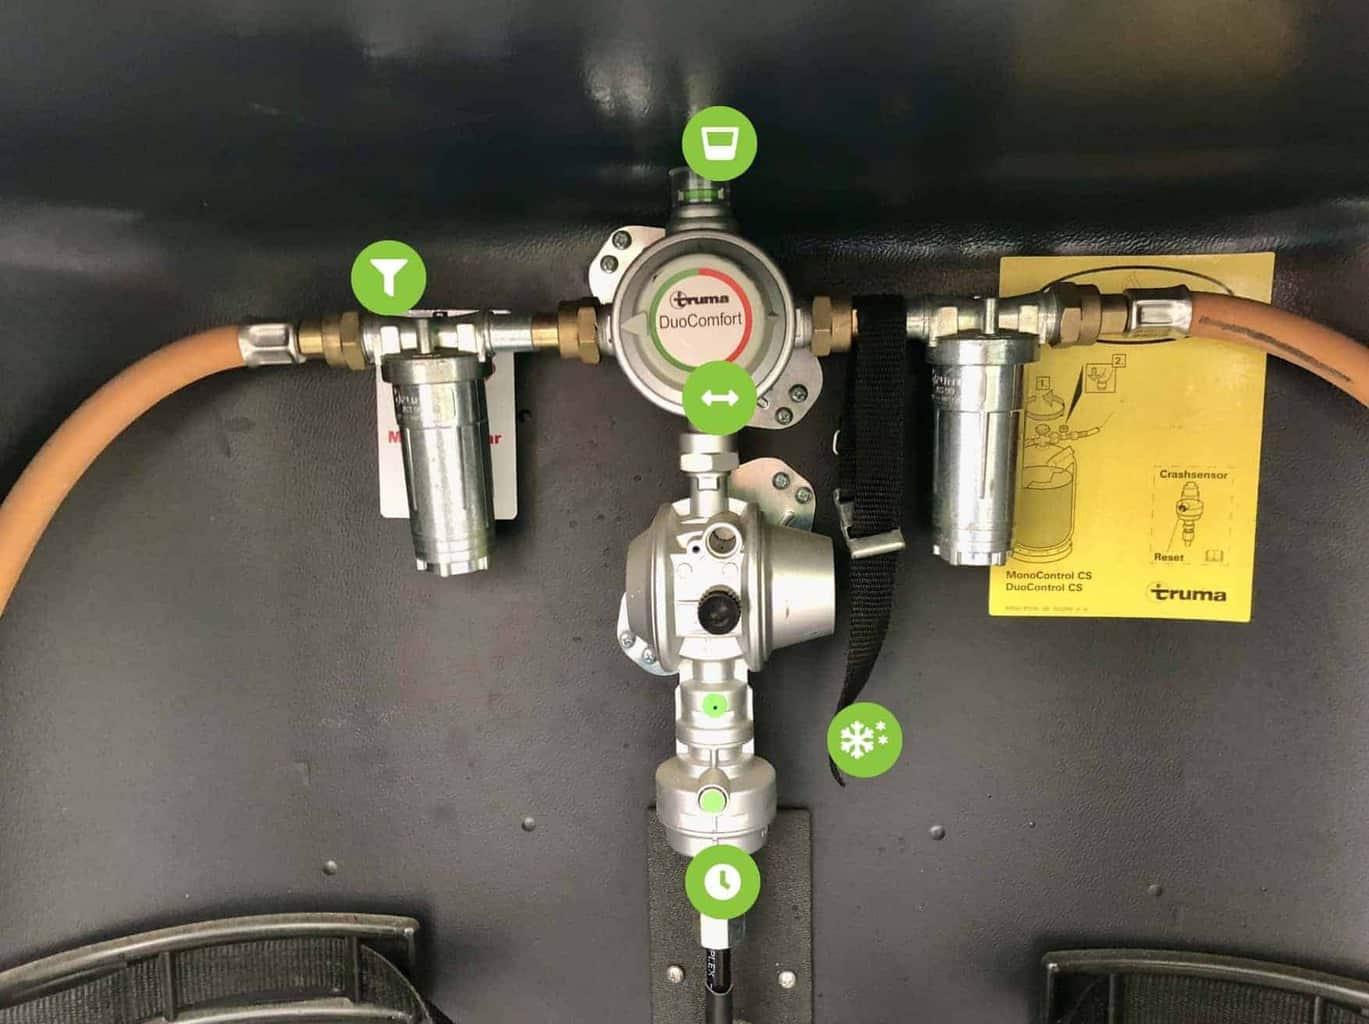 Gasprobleme_erkennen_und_lösen_mit_21_Erstmaßnahmen_Gasdruckregler_Beschriftung